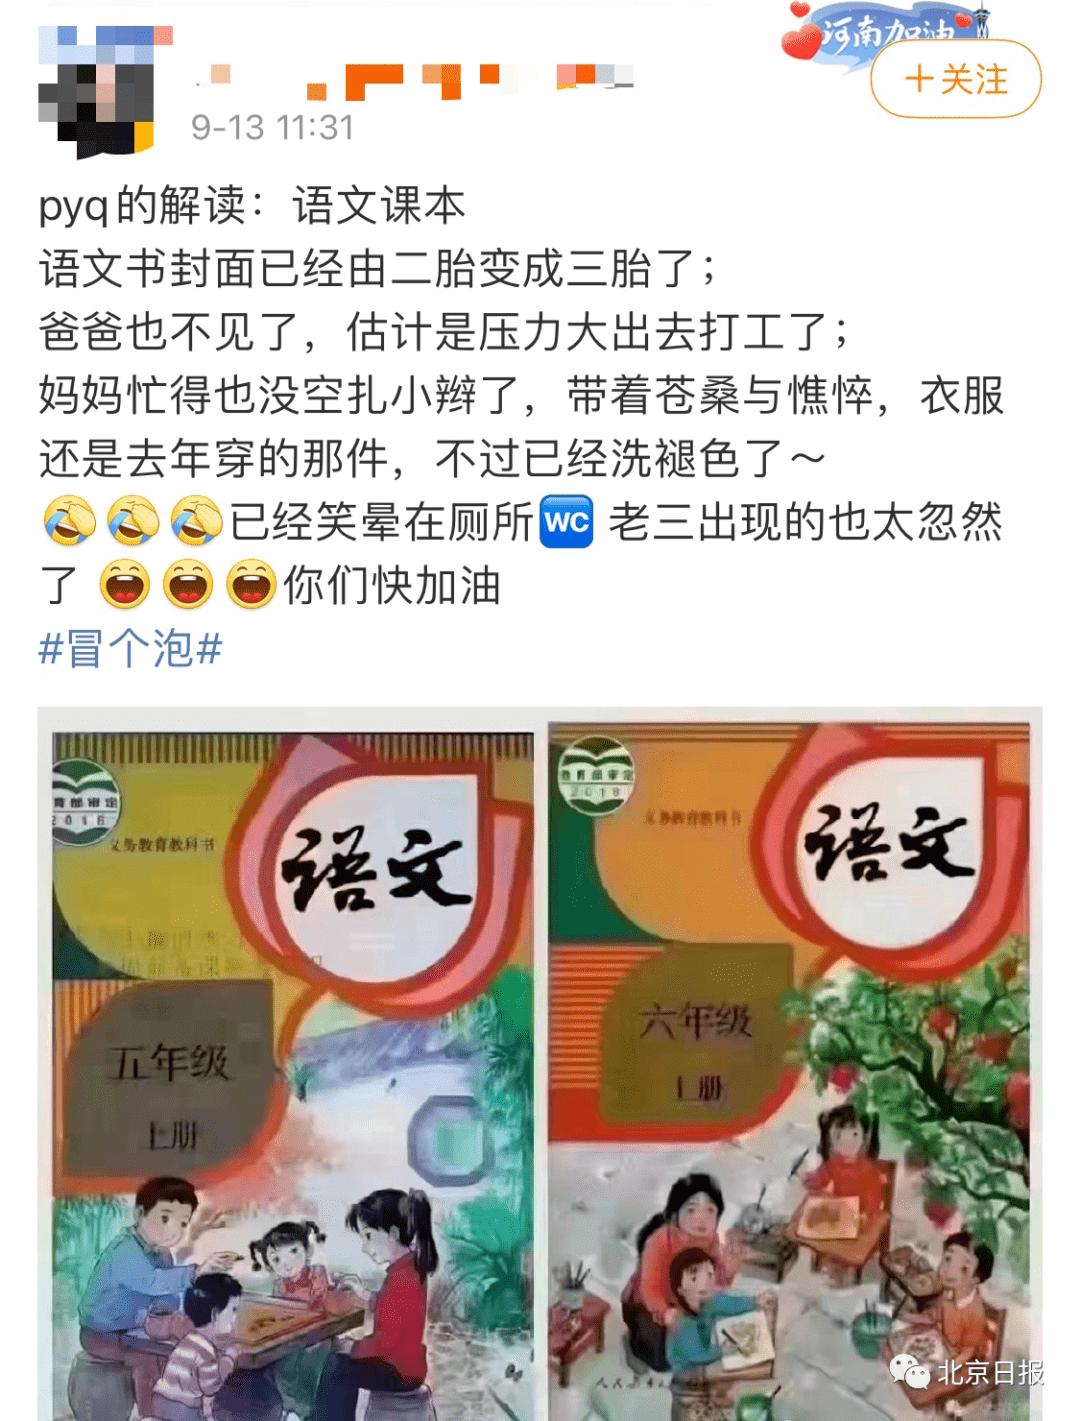 【网络谣言破解器】网传课本封面宣传三胎?